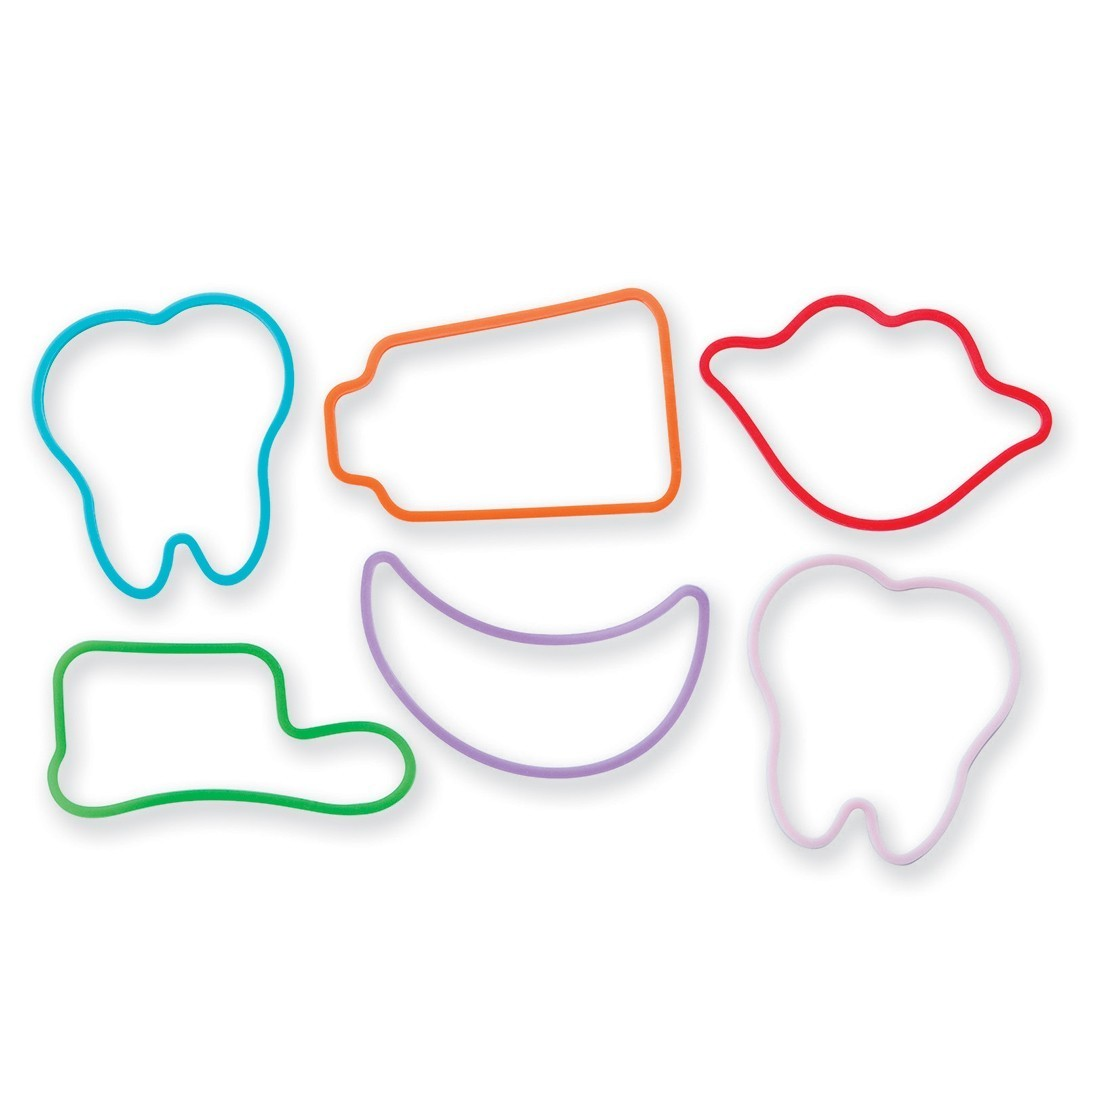 Dental Smile Bands [image]